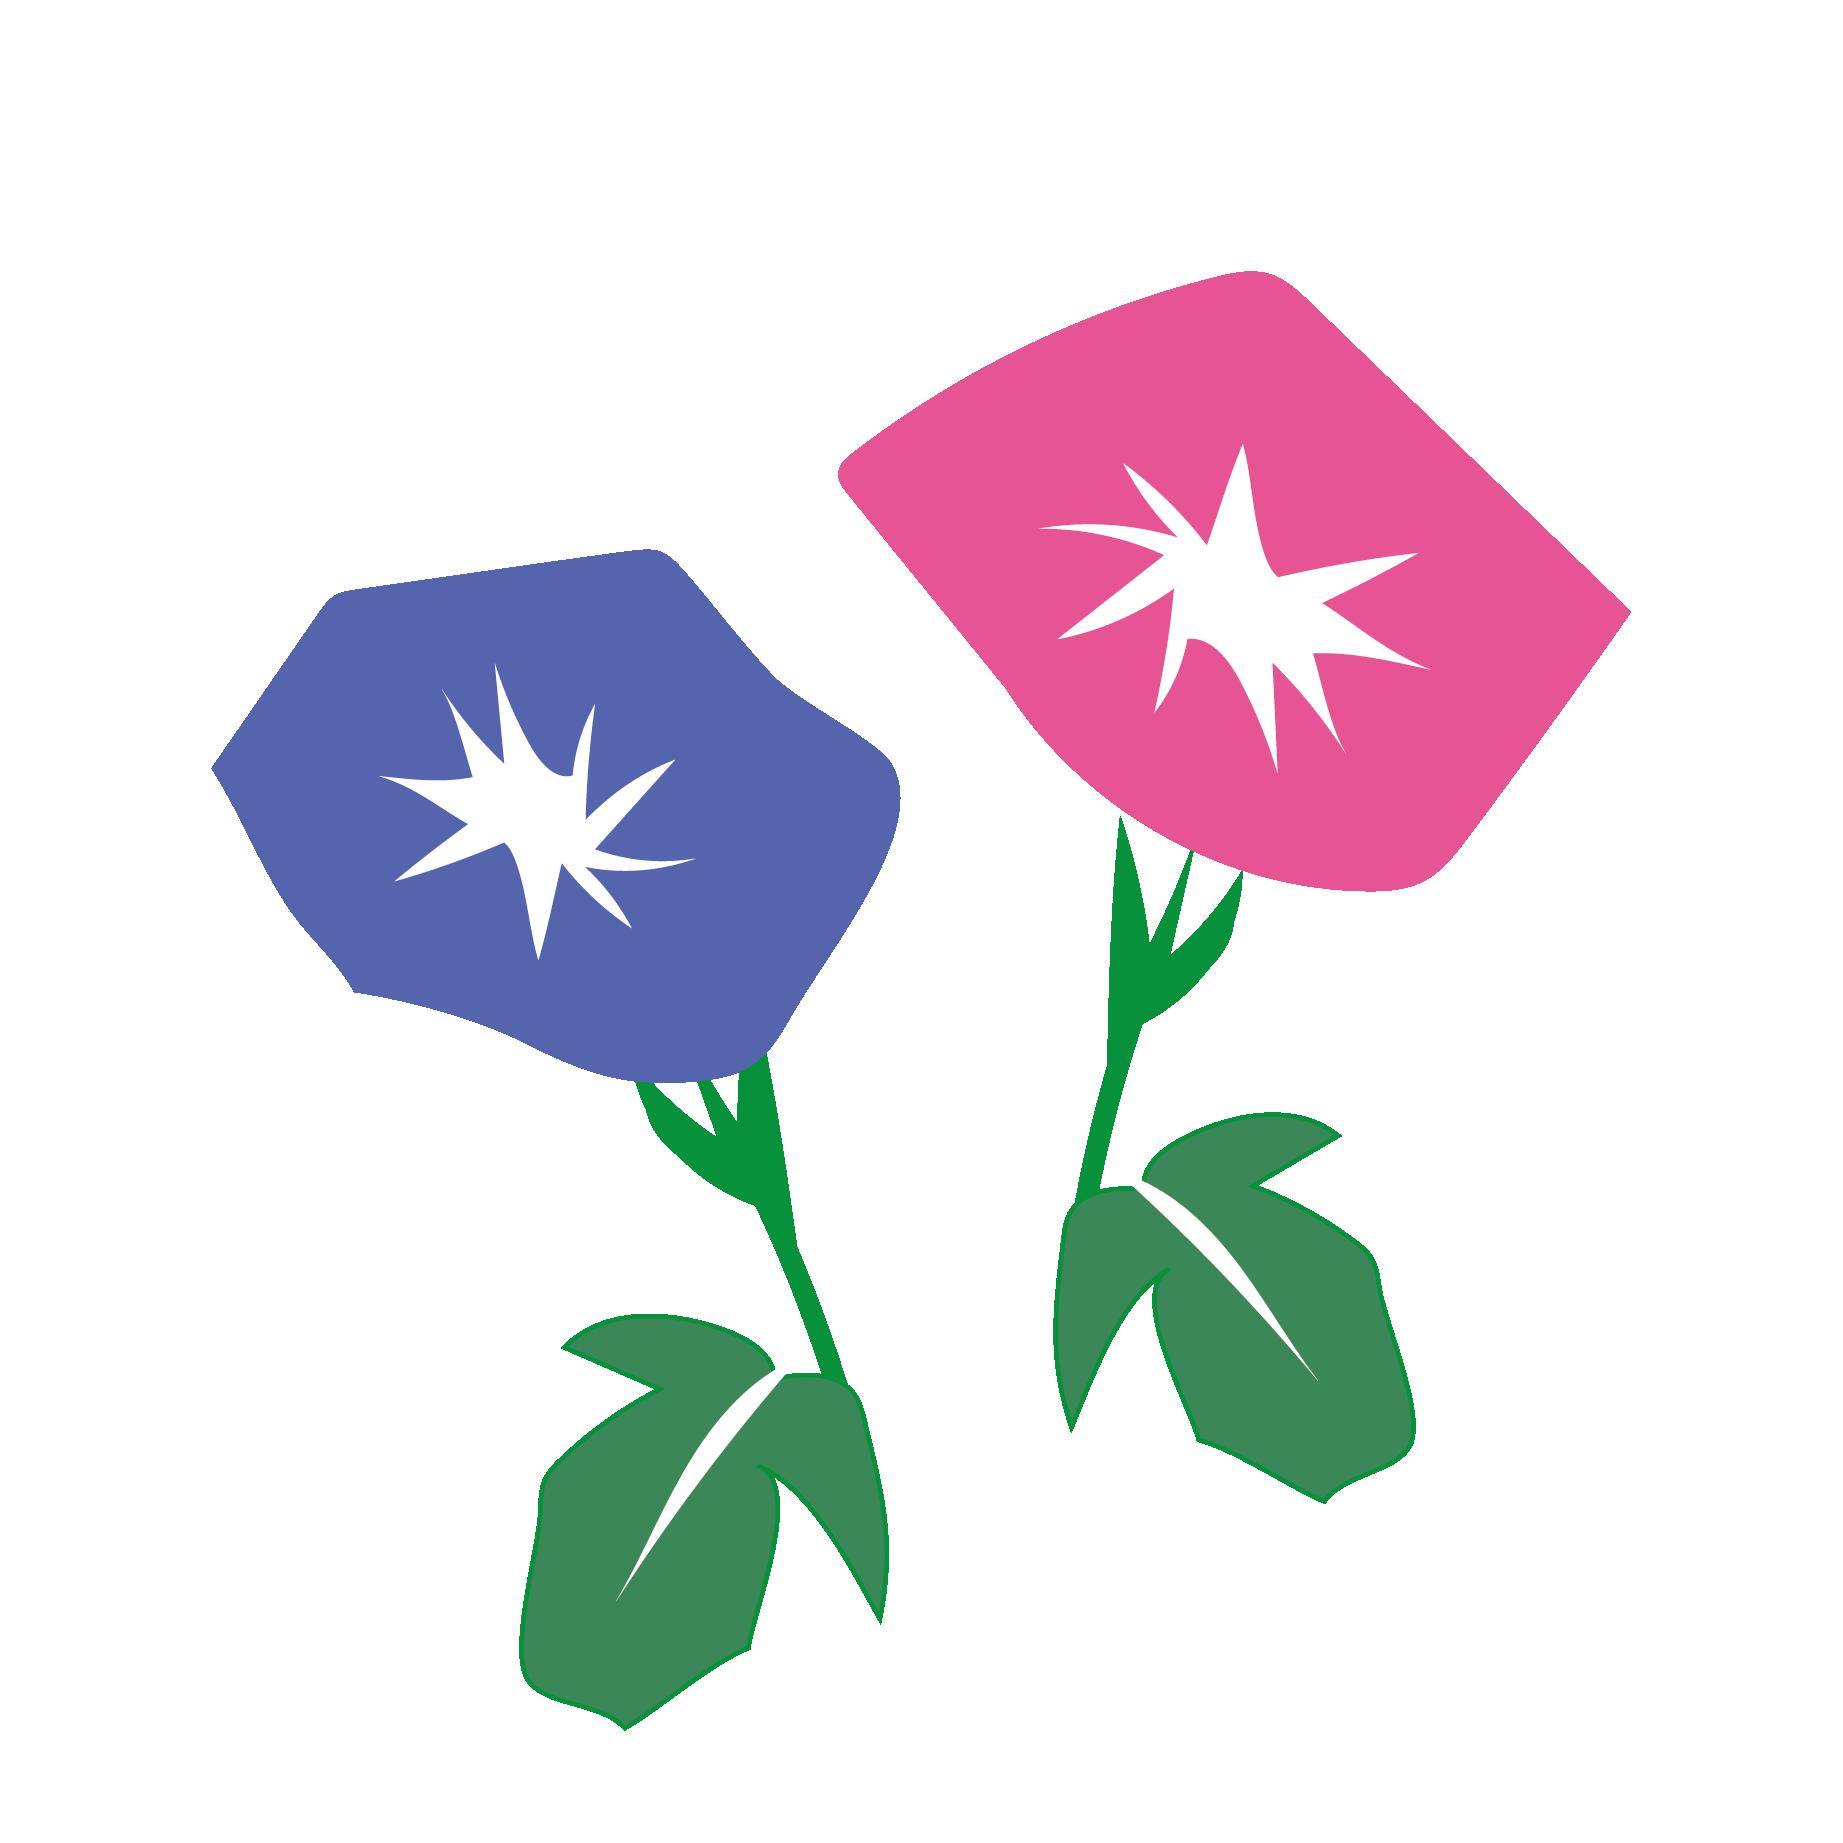 花和風の朝顔アサガオフリー イラスト 商用フリー無料の